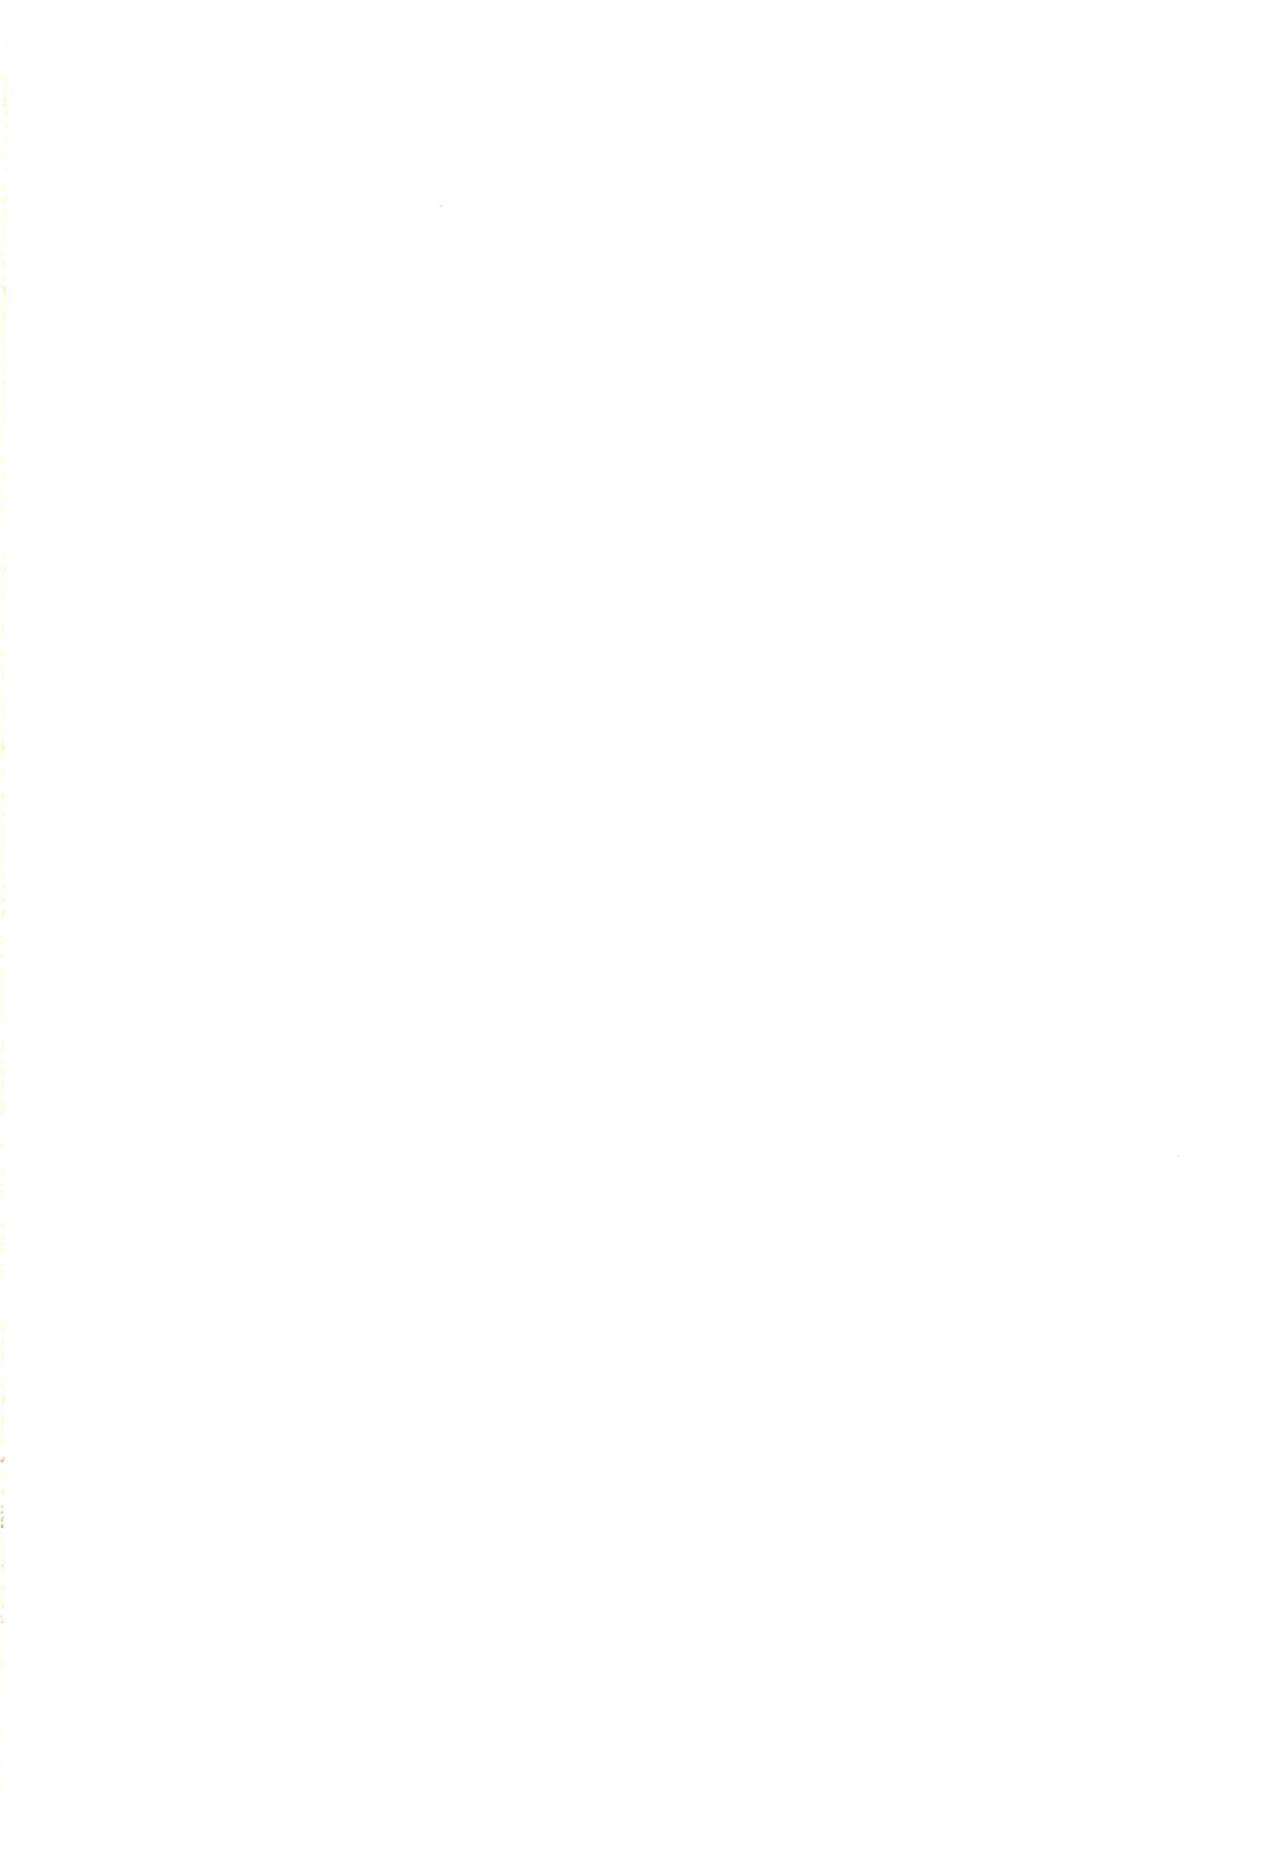 (C97) [botibotiikoka (takku)] Manamusume no Arisu-chan (8yo) ga Rippa na Chinpo-case ni Sodachimashita 1